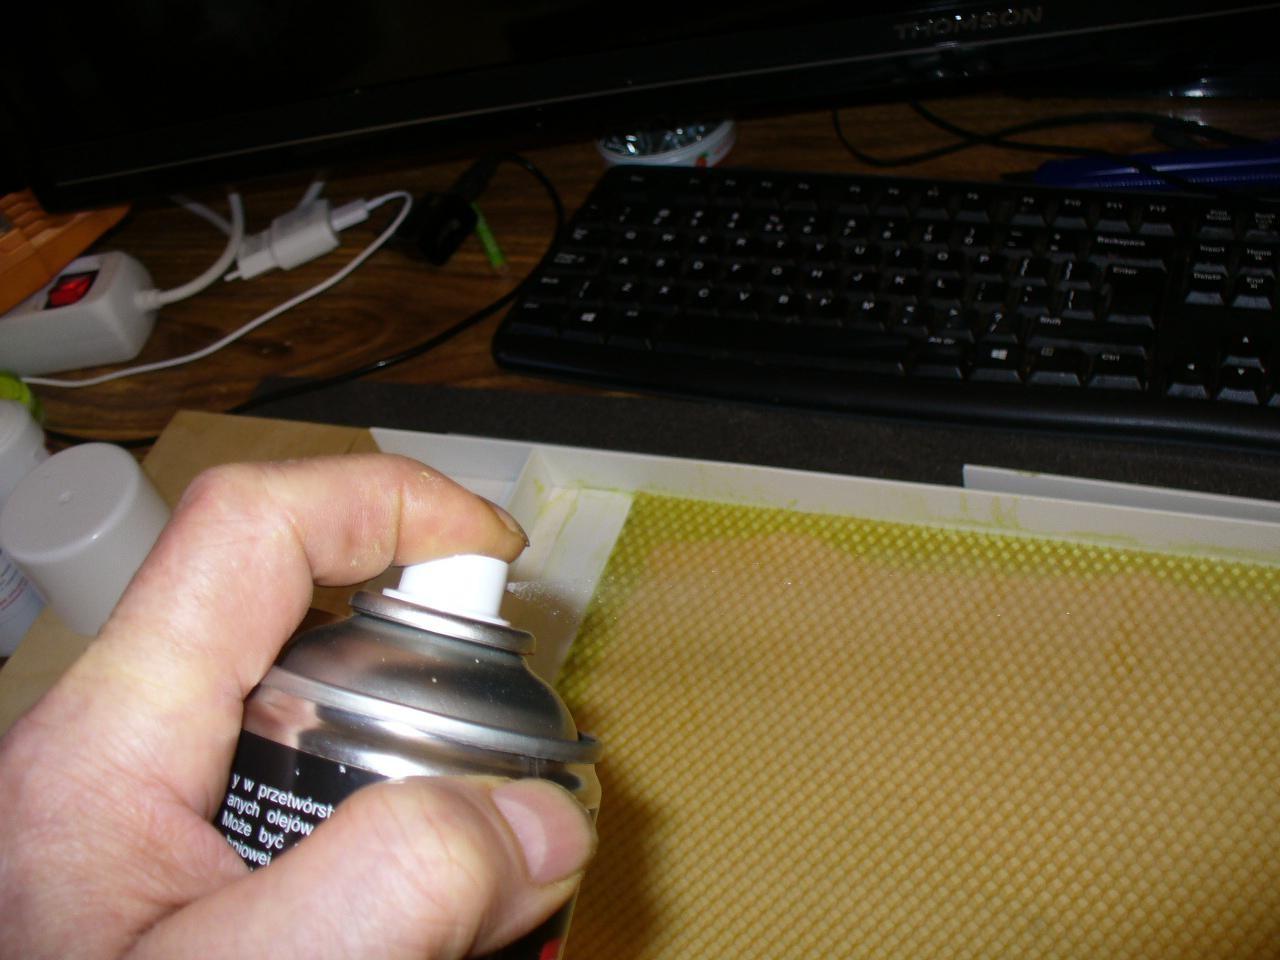 nakładanie wazeliny technicznej na formę z węzą